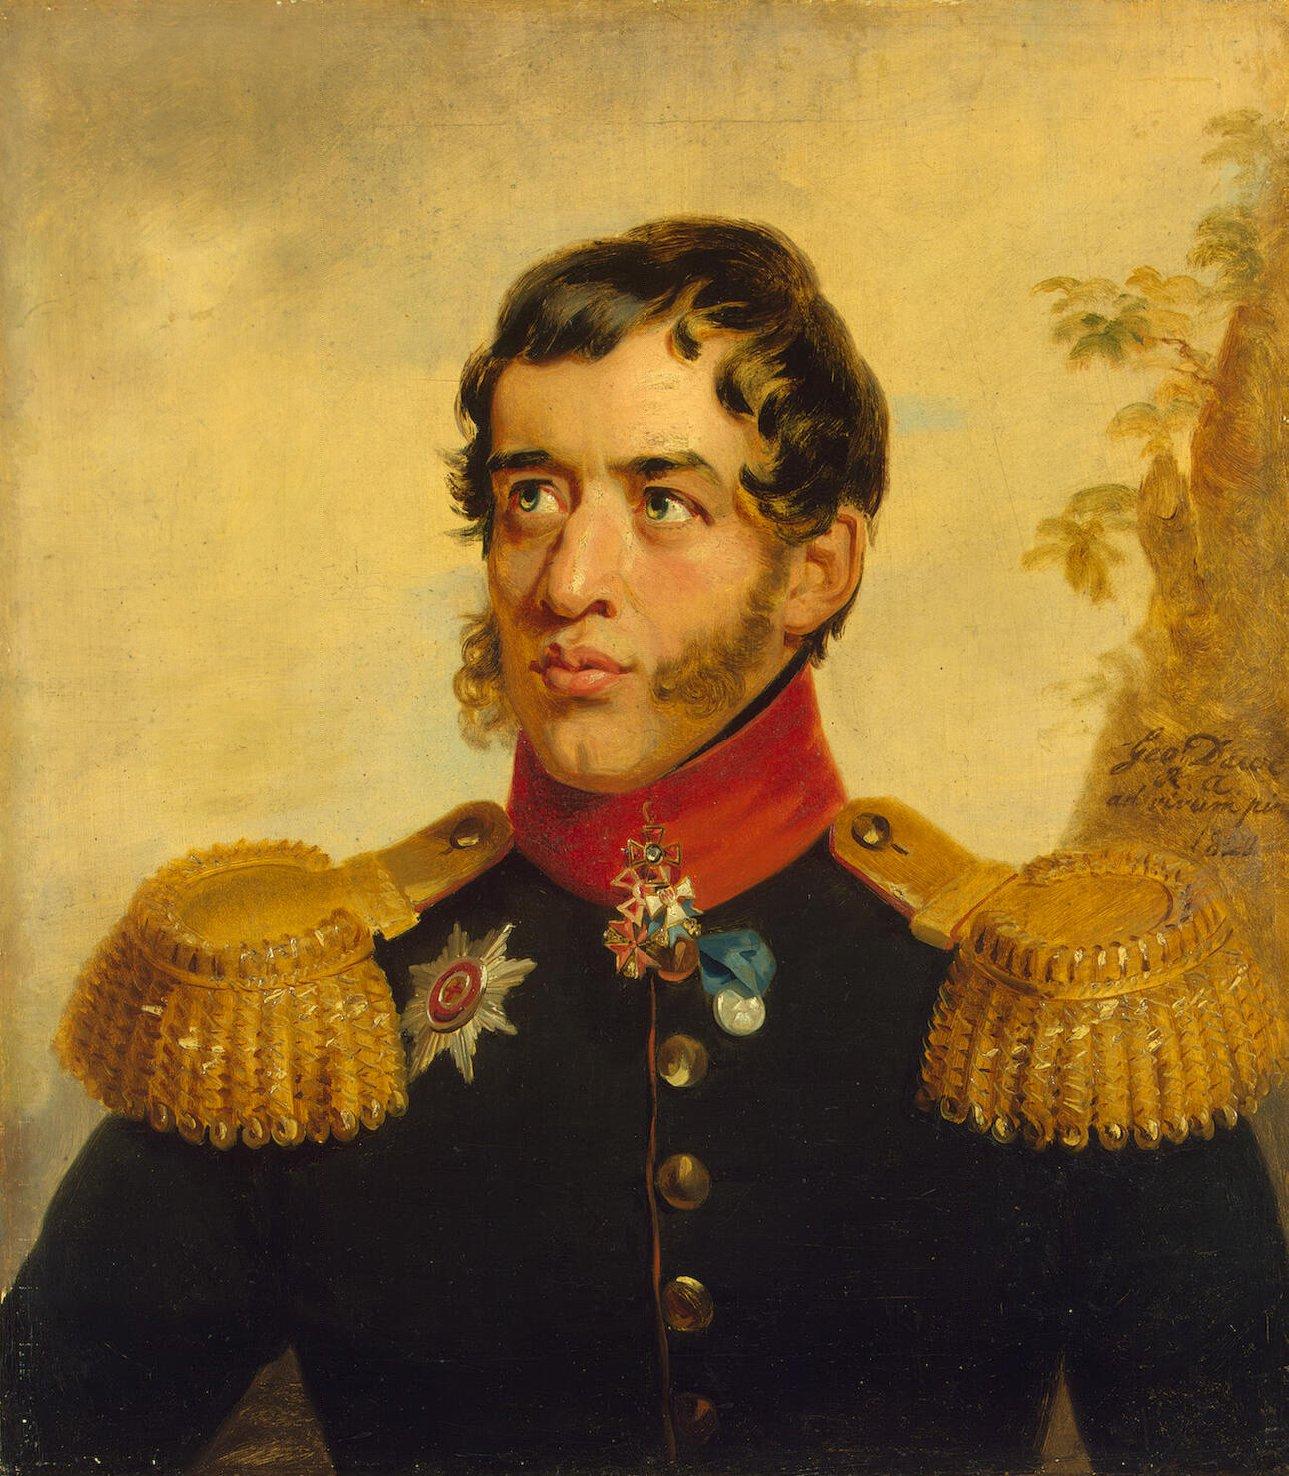 Волконский, Сергей Григорьевич